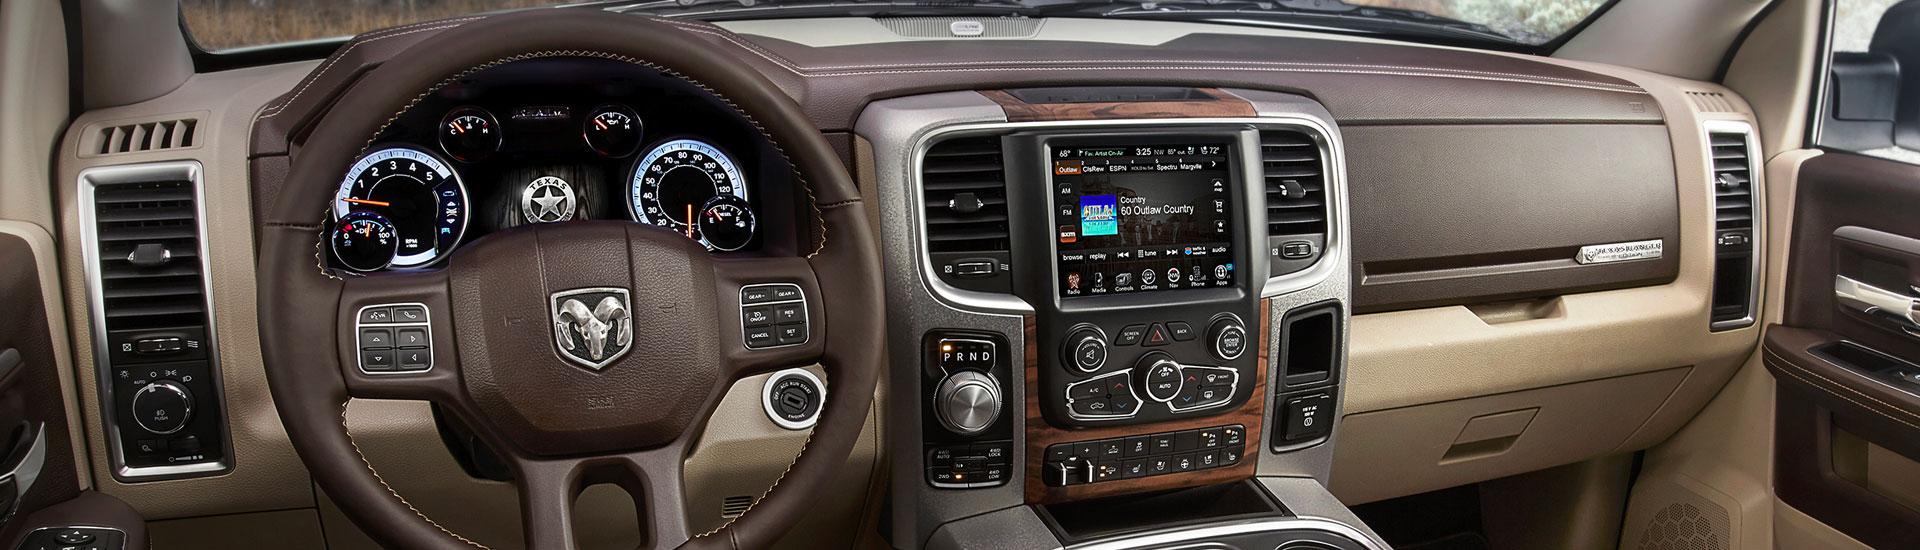 Dodge Ram Custom Dash Kits